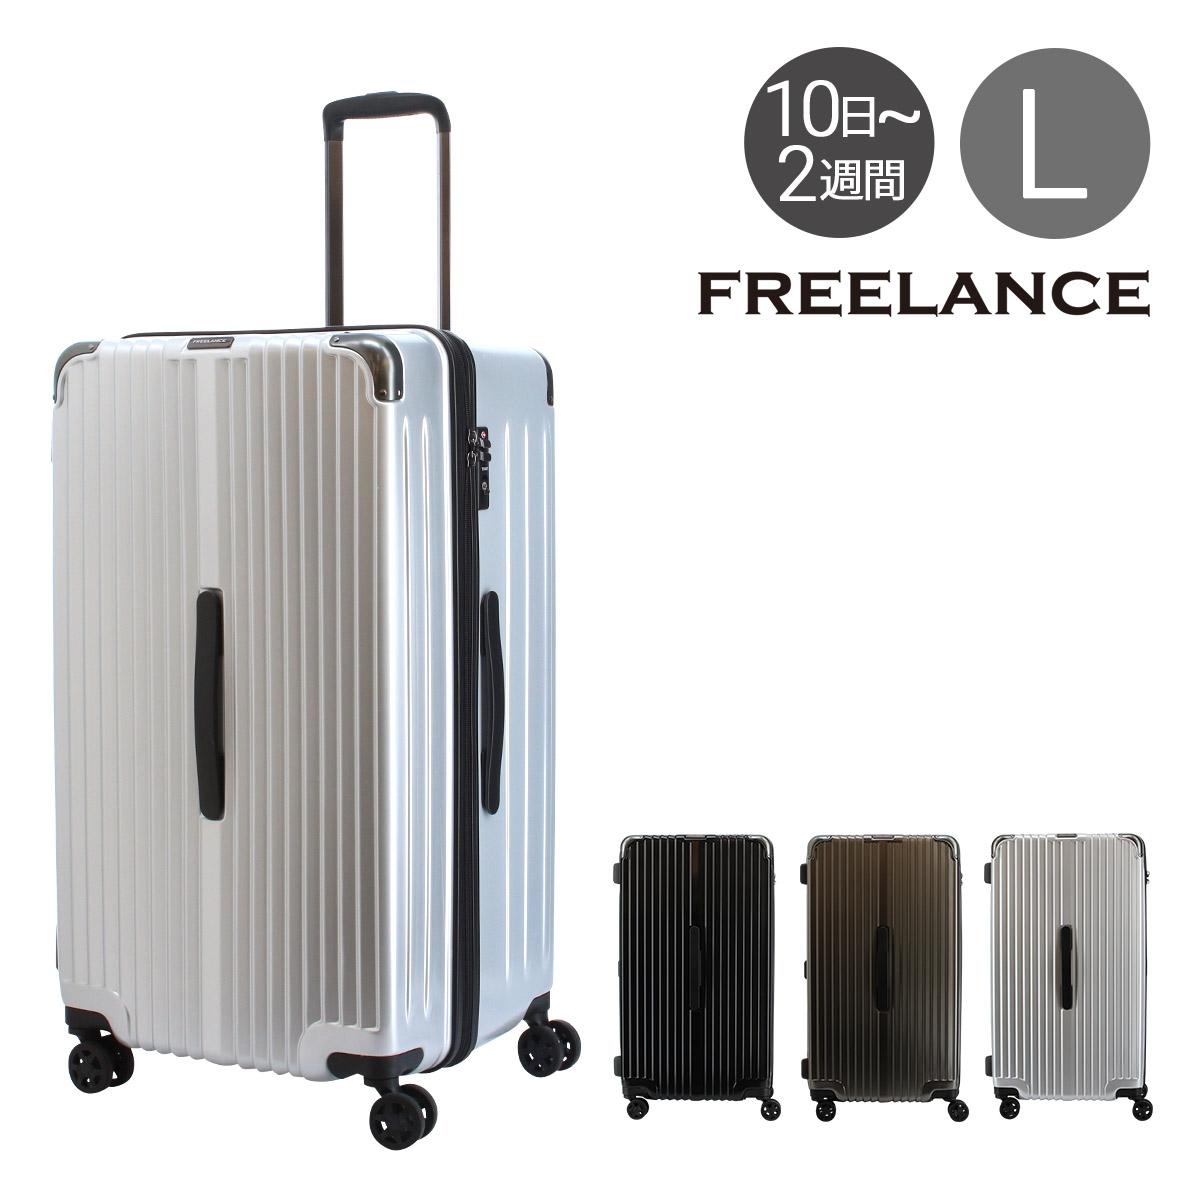 フリーランス スーツケース 当社限定 FLT-006FREELANCE TSAロック搭載 大容量 おしゃれキャリーケース ビジネスキャリー[PO5][bef]